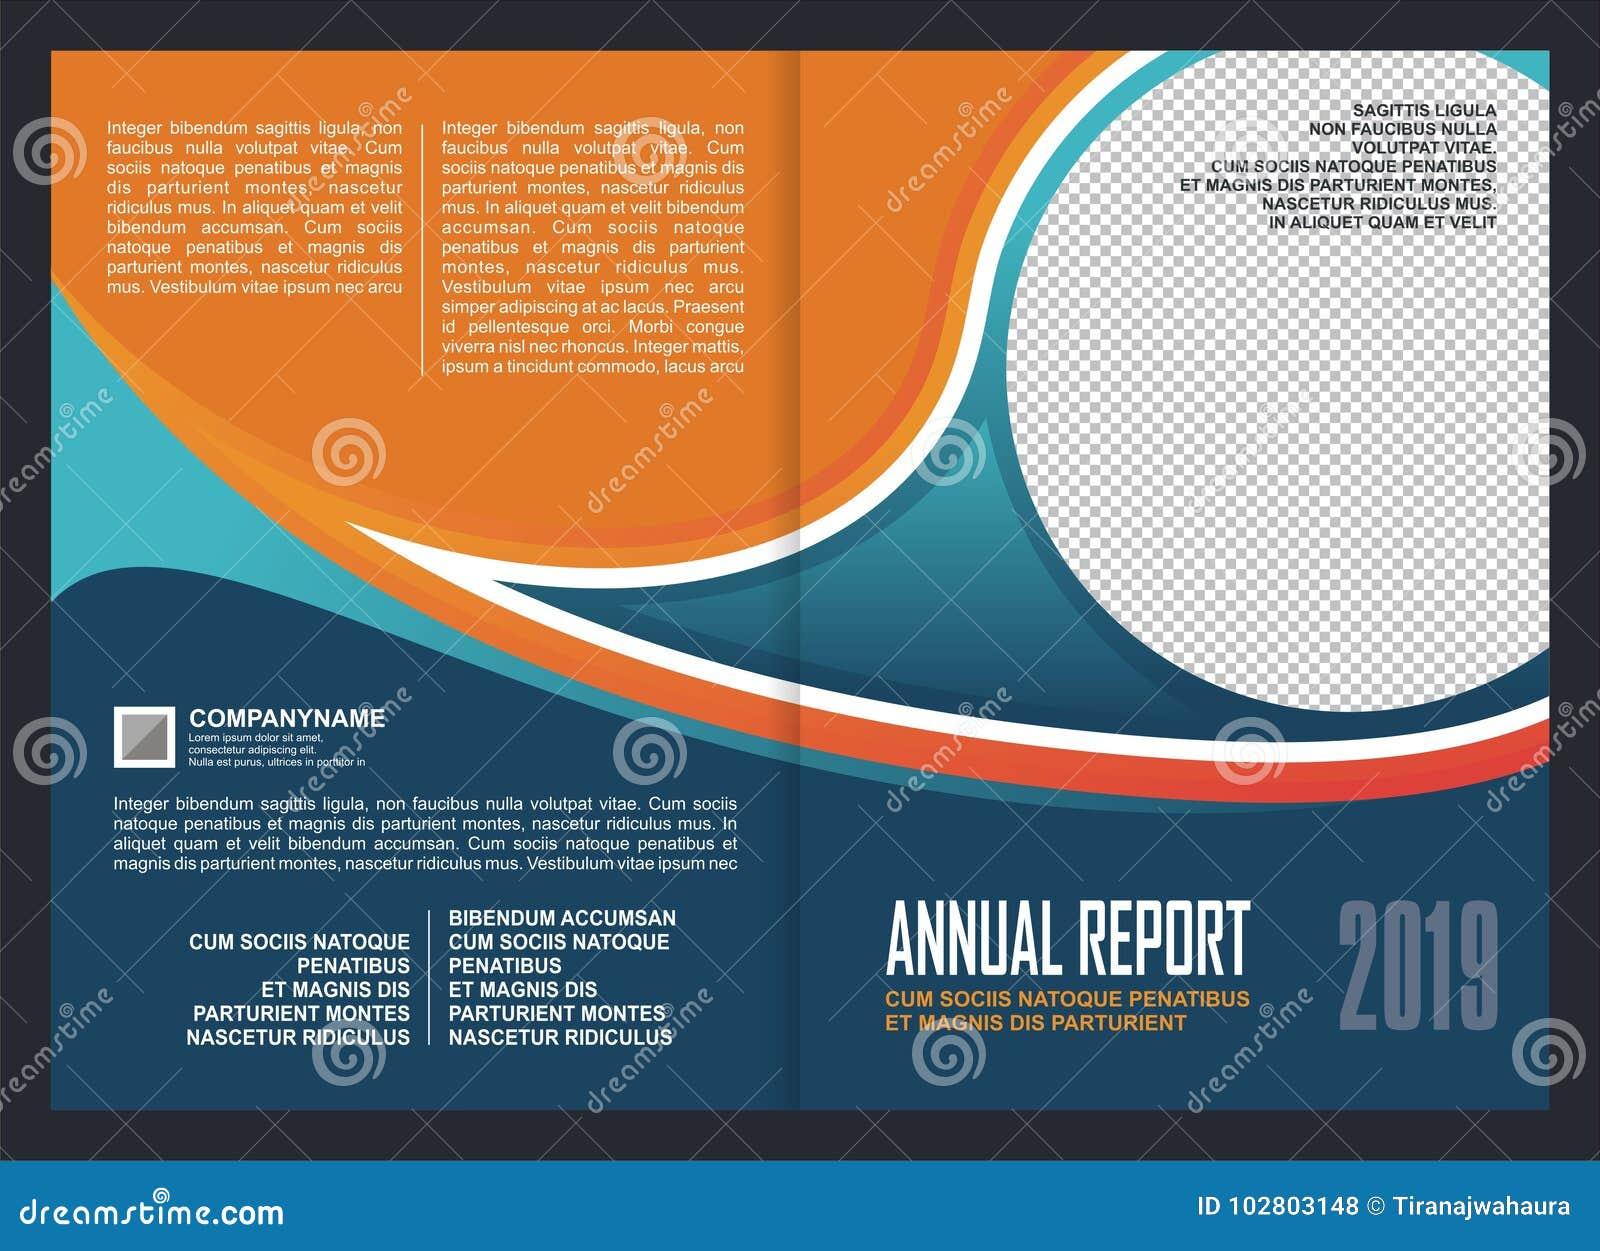 Annual Report Cover Template Design